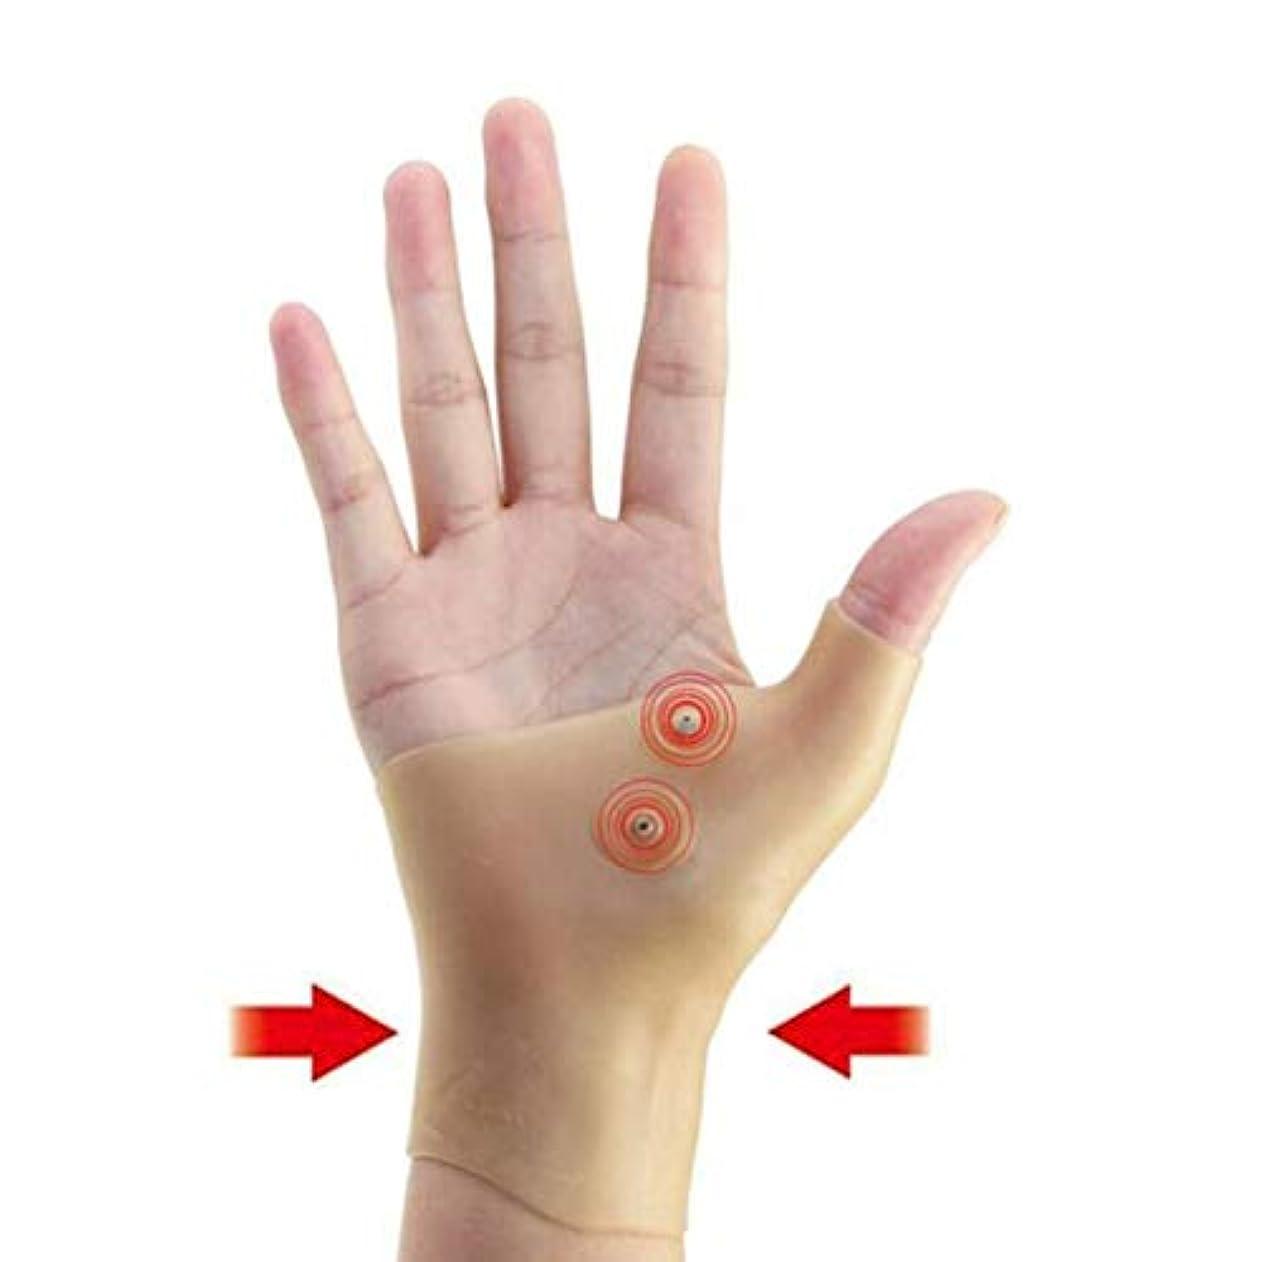 シャーロットブロンテ快い額磁気療法手首手親指サポート手袋シリコーンゲル関節炎圧力矯正器マッサージ痛み緩和手袋 - 肌の色